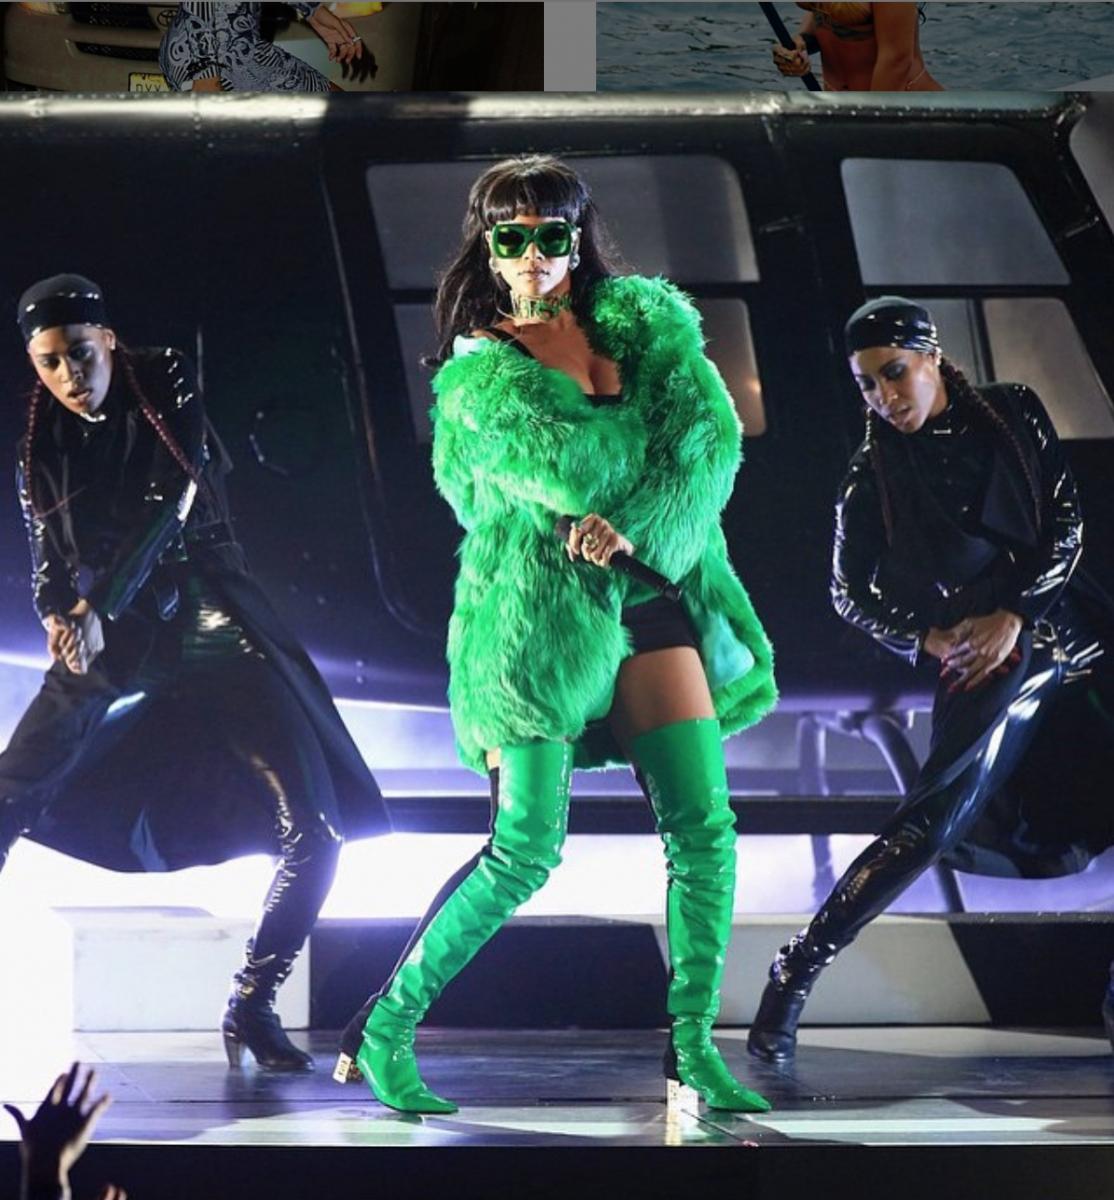 2015年に行われたライブにて『ビッチ・ベター・ハヴ・マイマネー』を歌うリアーナ。ステージ上でのオーラもスタイルも、デビュー当時よりもはるかにアップデートされている!